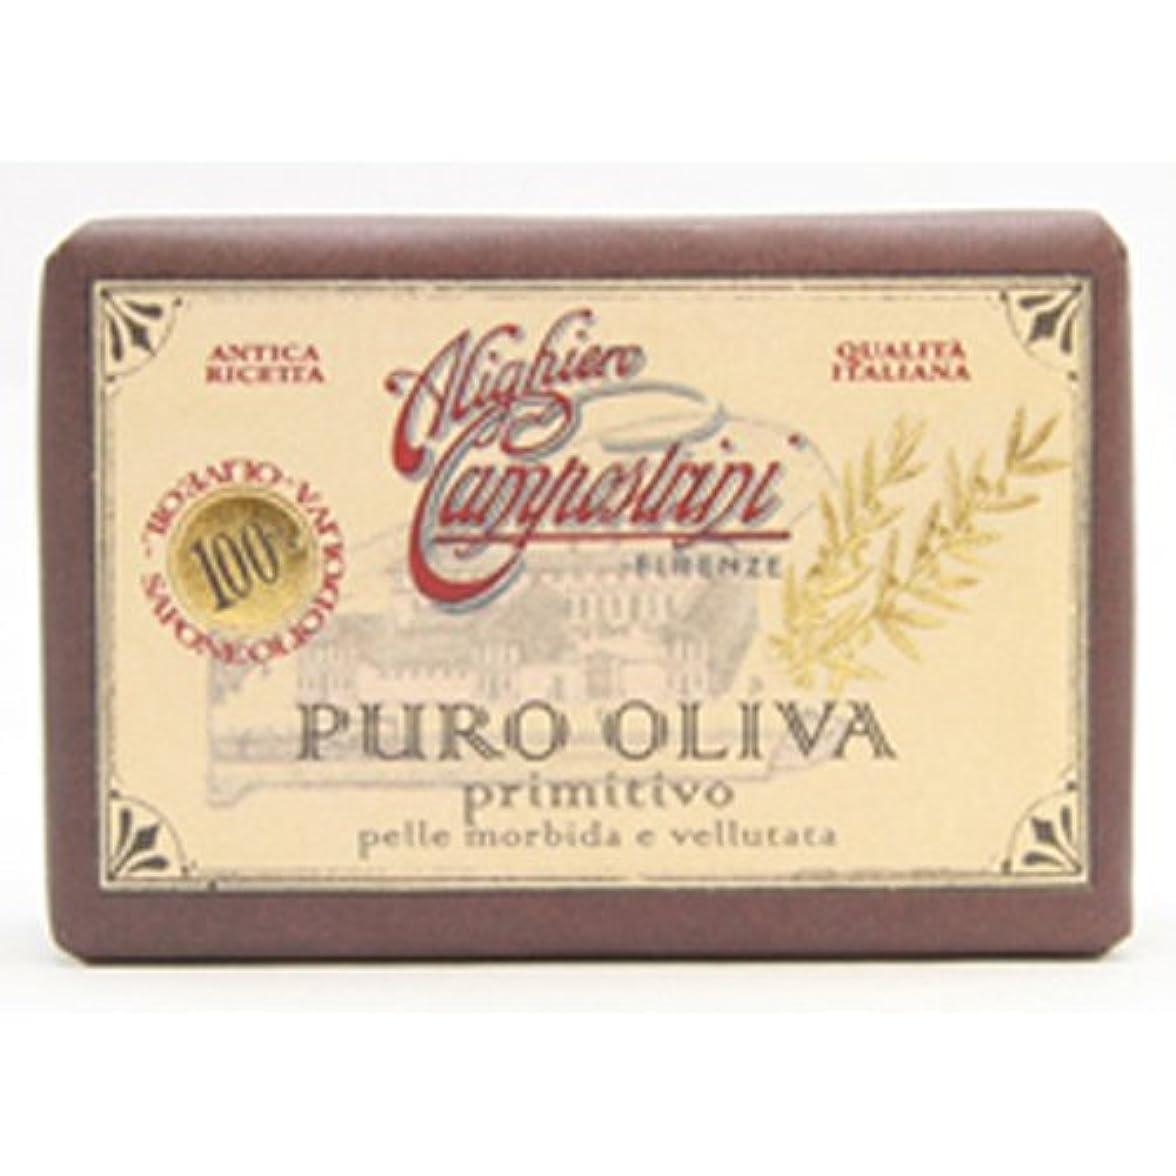 予防接種容疑者ひばりSaponerire Fissi サポネリーフィッシー PURO OLIVA Soap オリーブオイル ピュロ ソープ primitivo オリジナル 150g